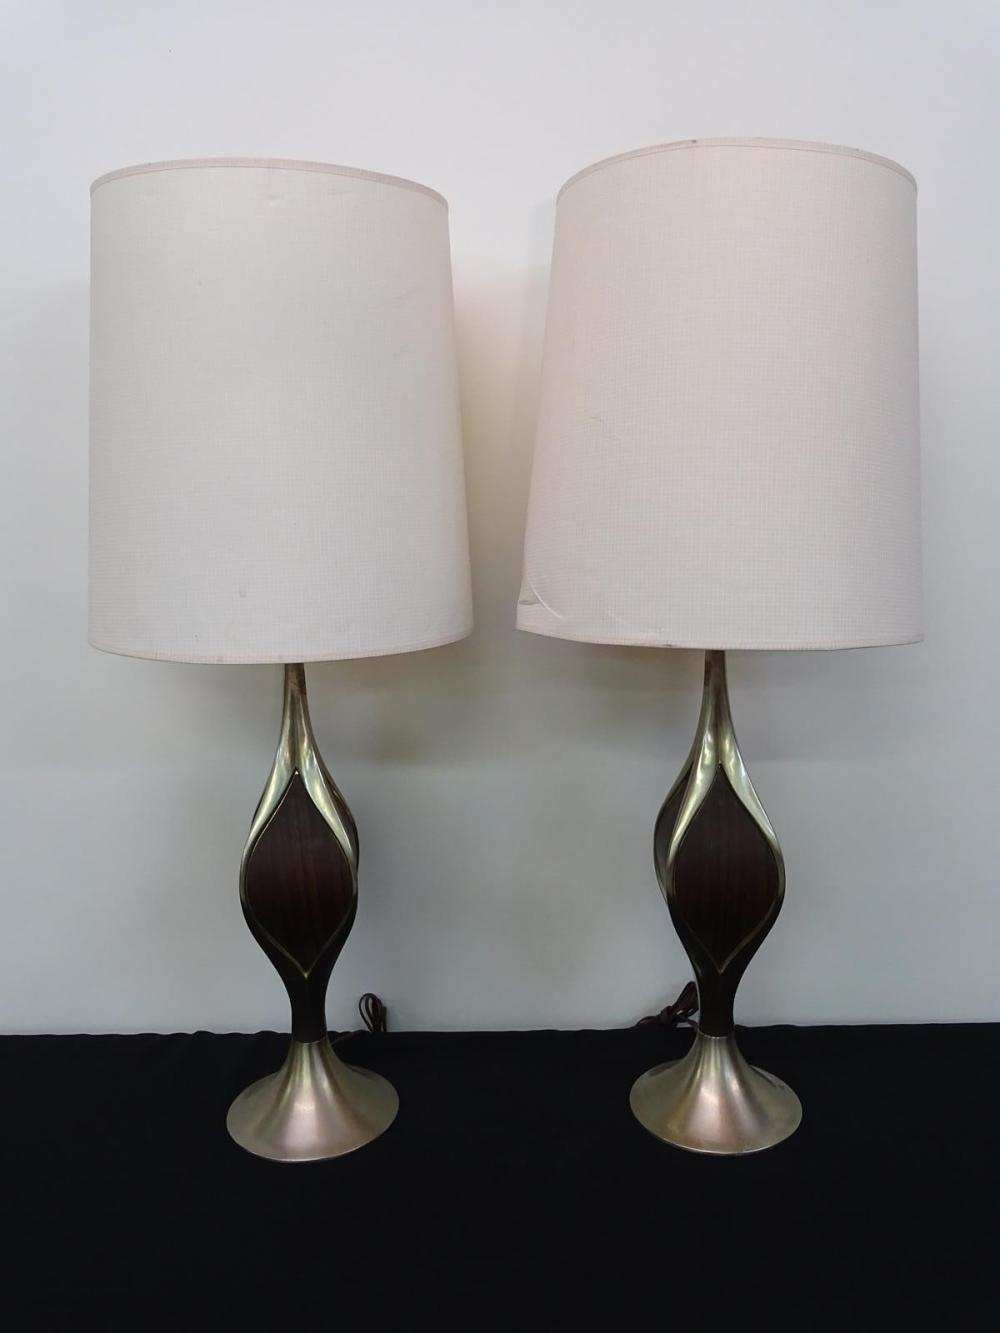 PAIR LAUREL TABLE LAMPS